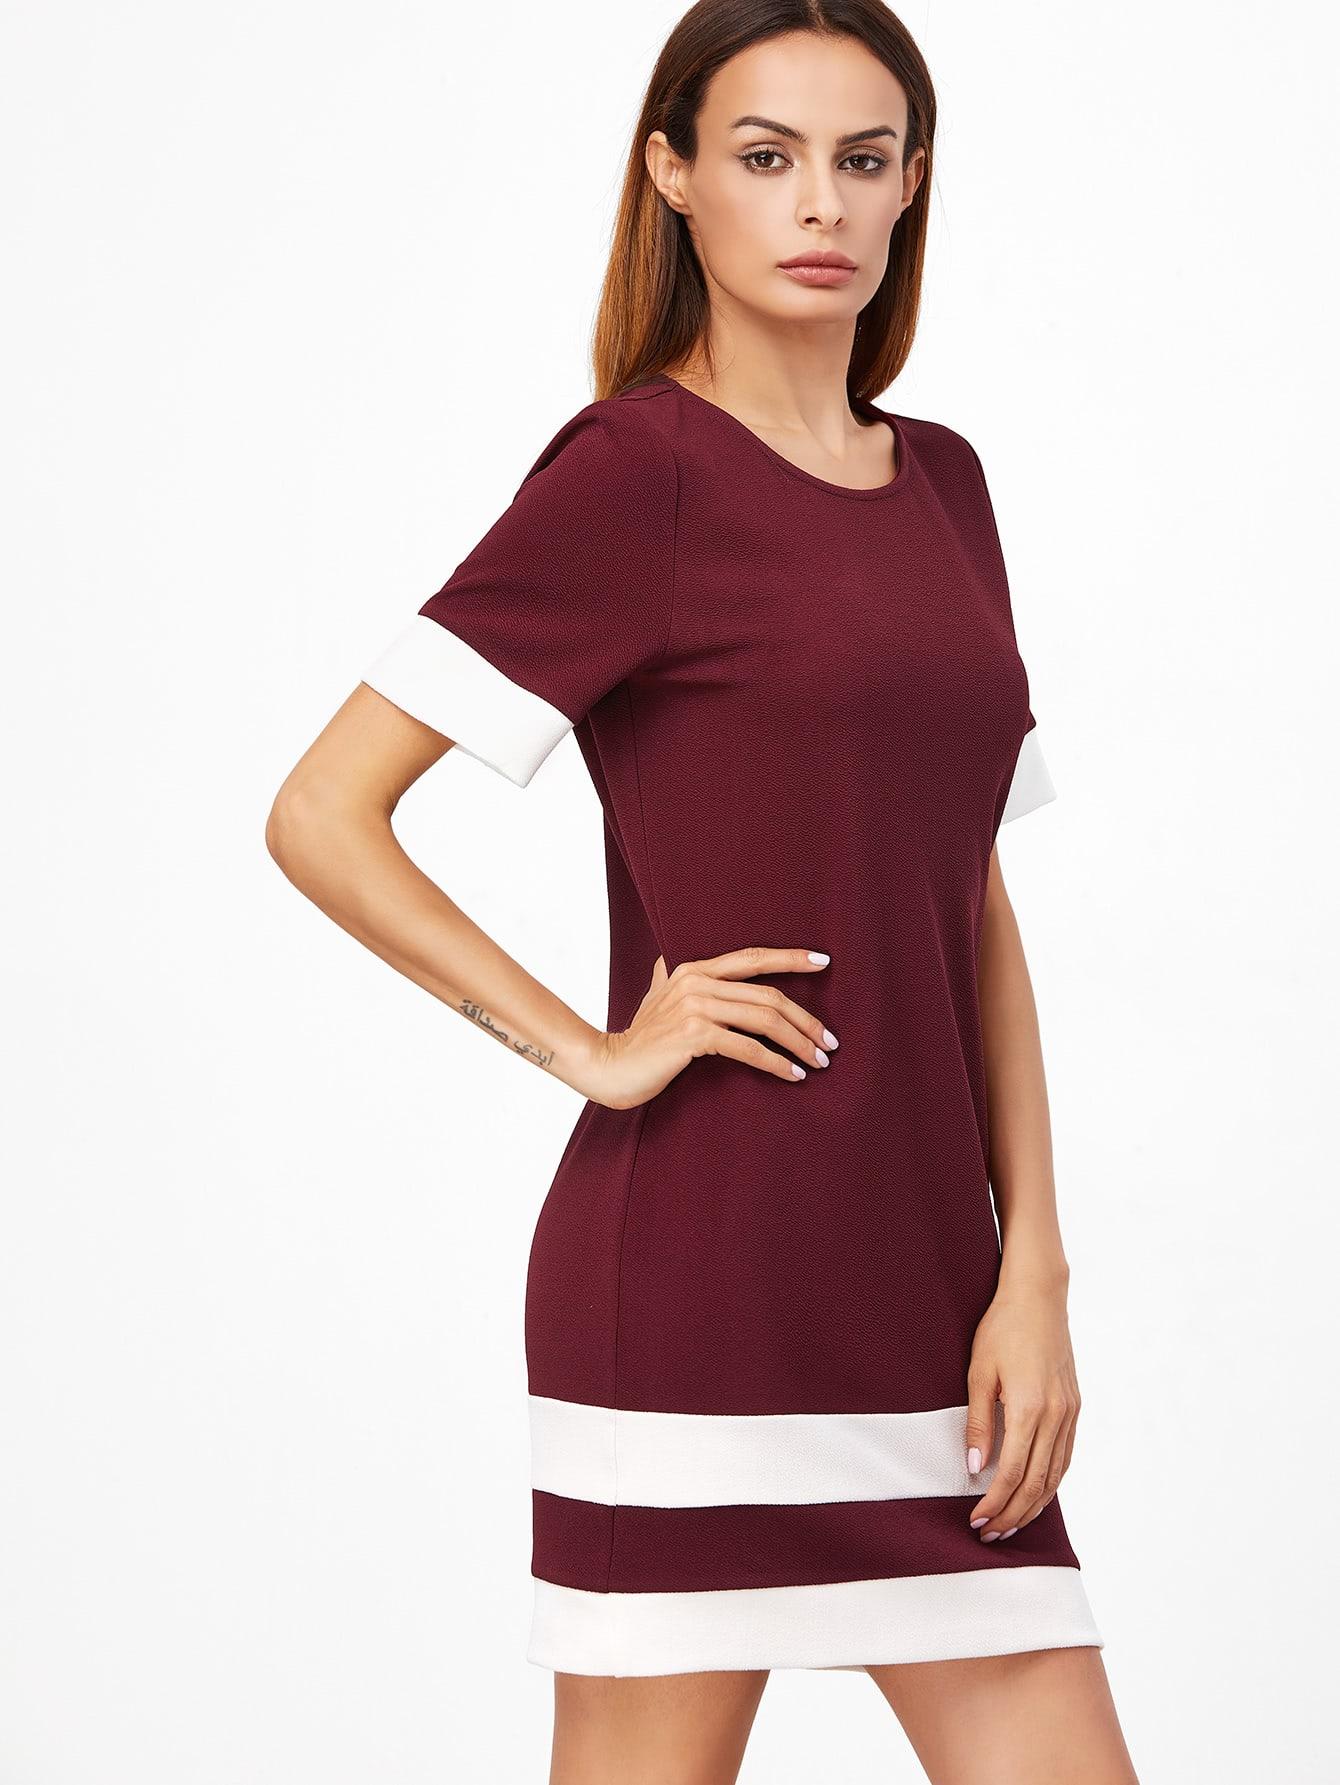 dress161118729_2